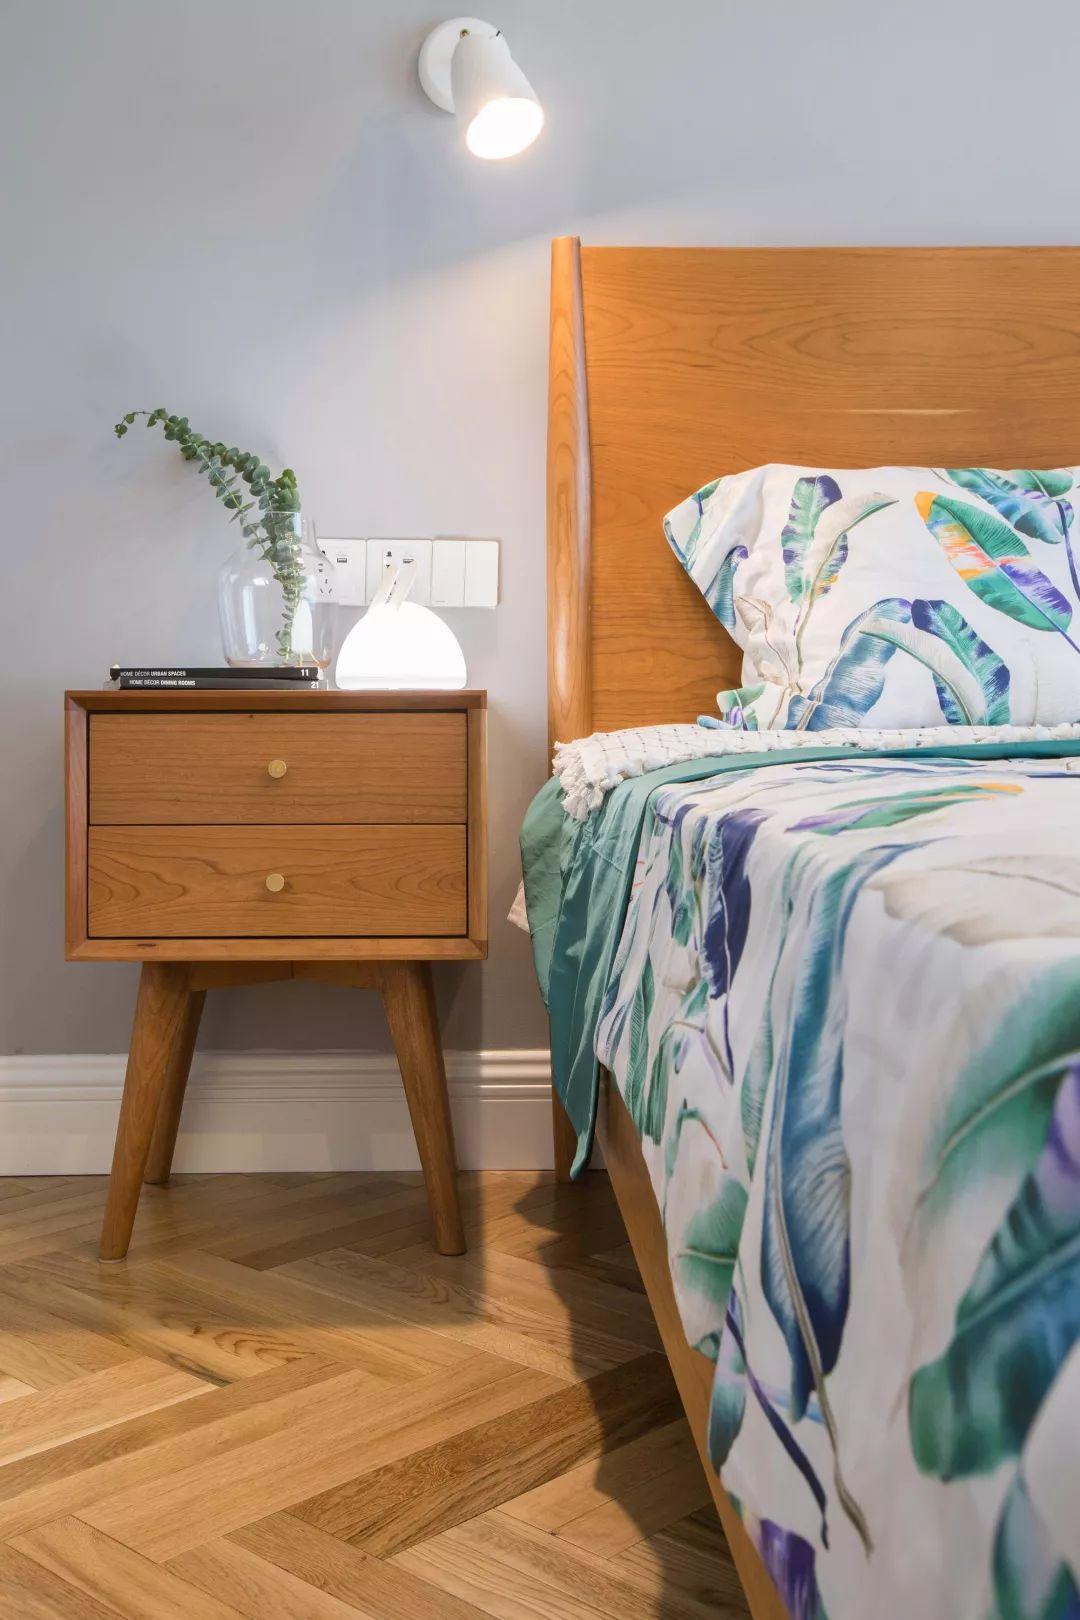 北欧 半包 全包 私人订制 全案设计 卧室图片来自鹏友百年装饰在低调灰+白色+木色,好漂亮!的分享